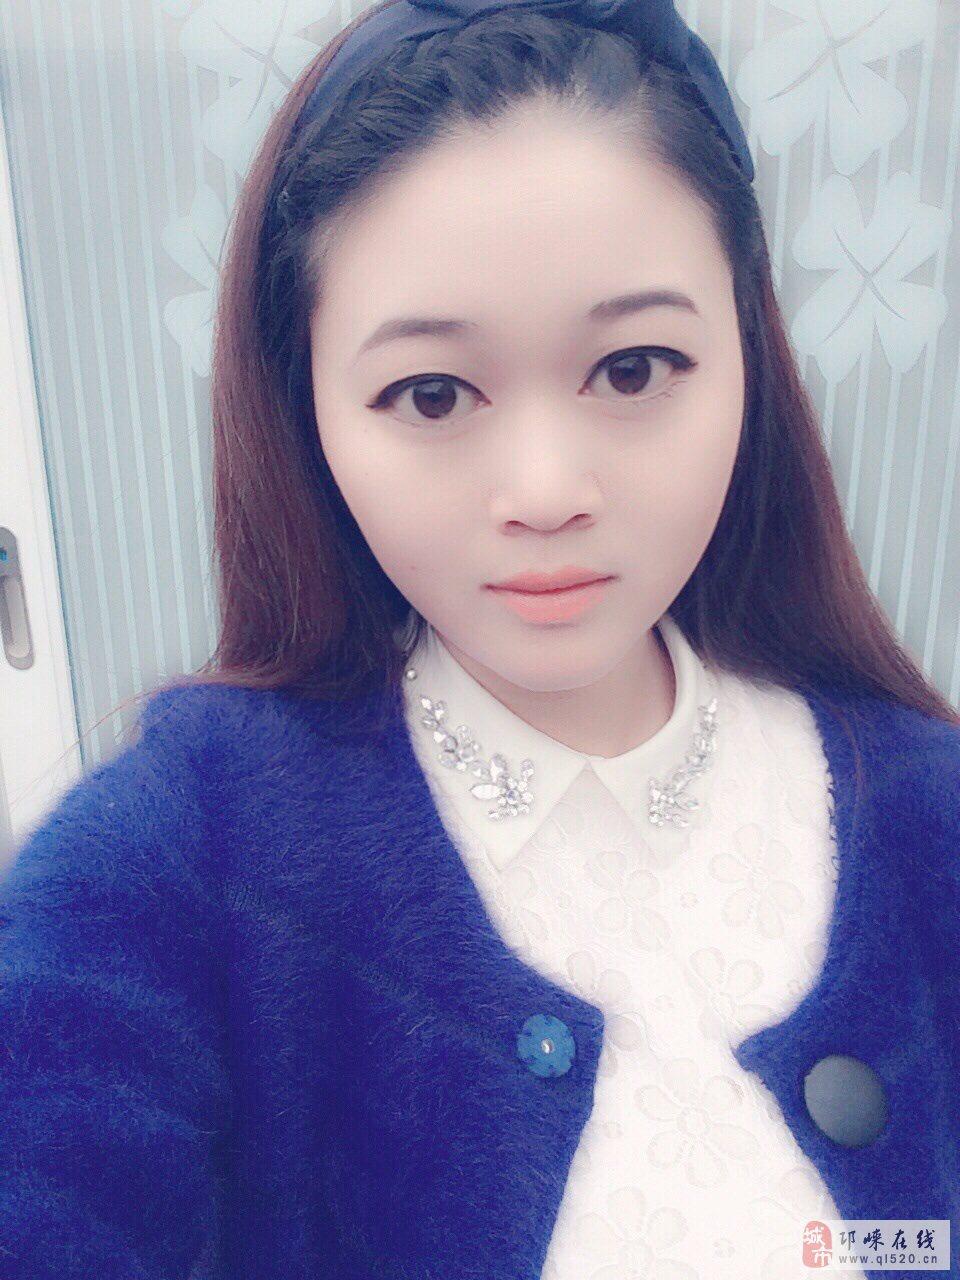 王菲韩雪凌晨晒素颜